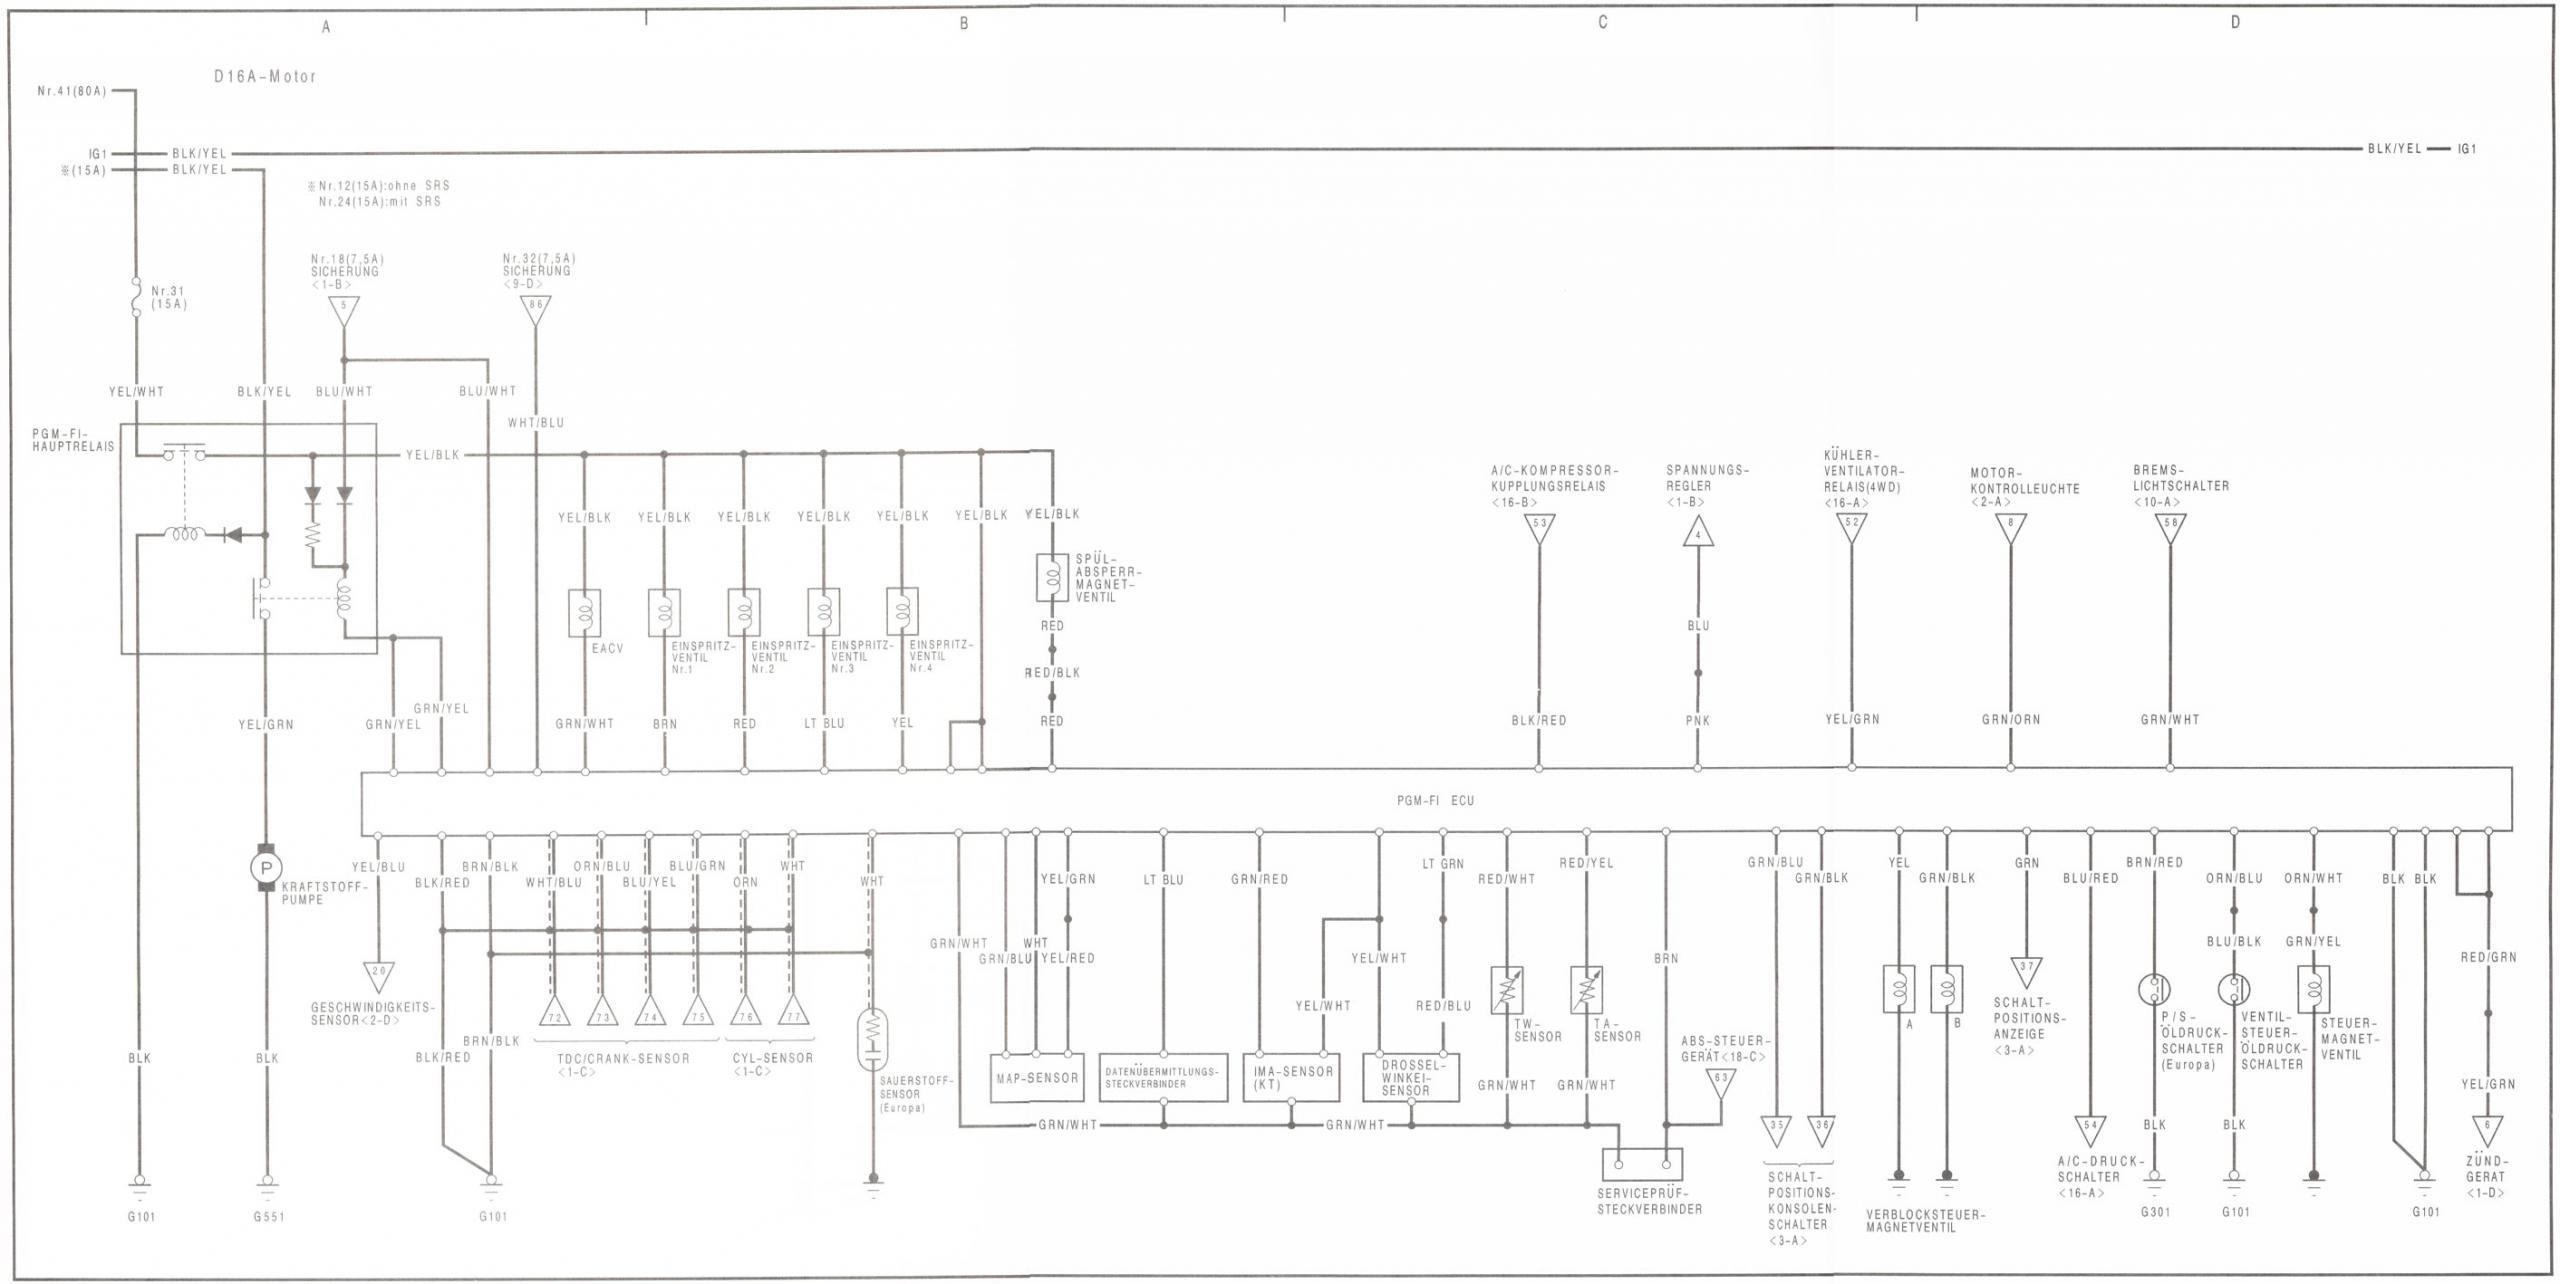 Tolle 1990 Honda Civic Schaltplan Ideen - Der Schaltplan - triangre.info